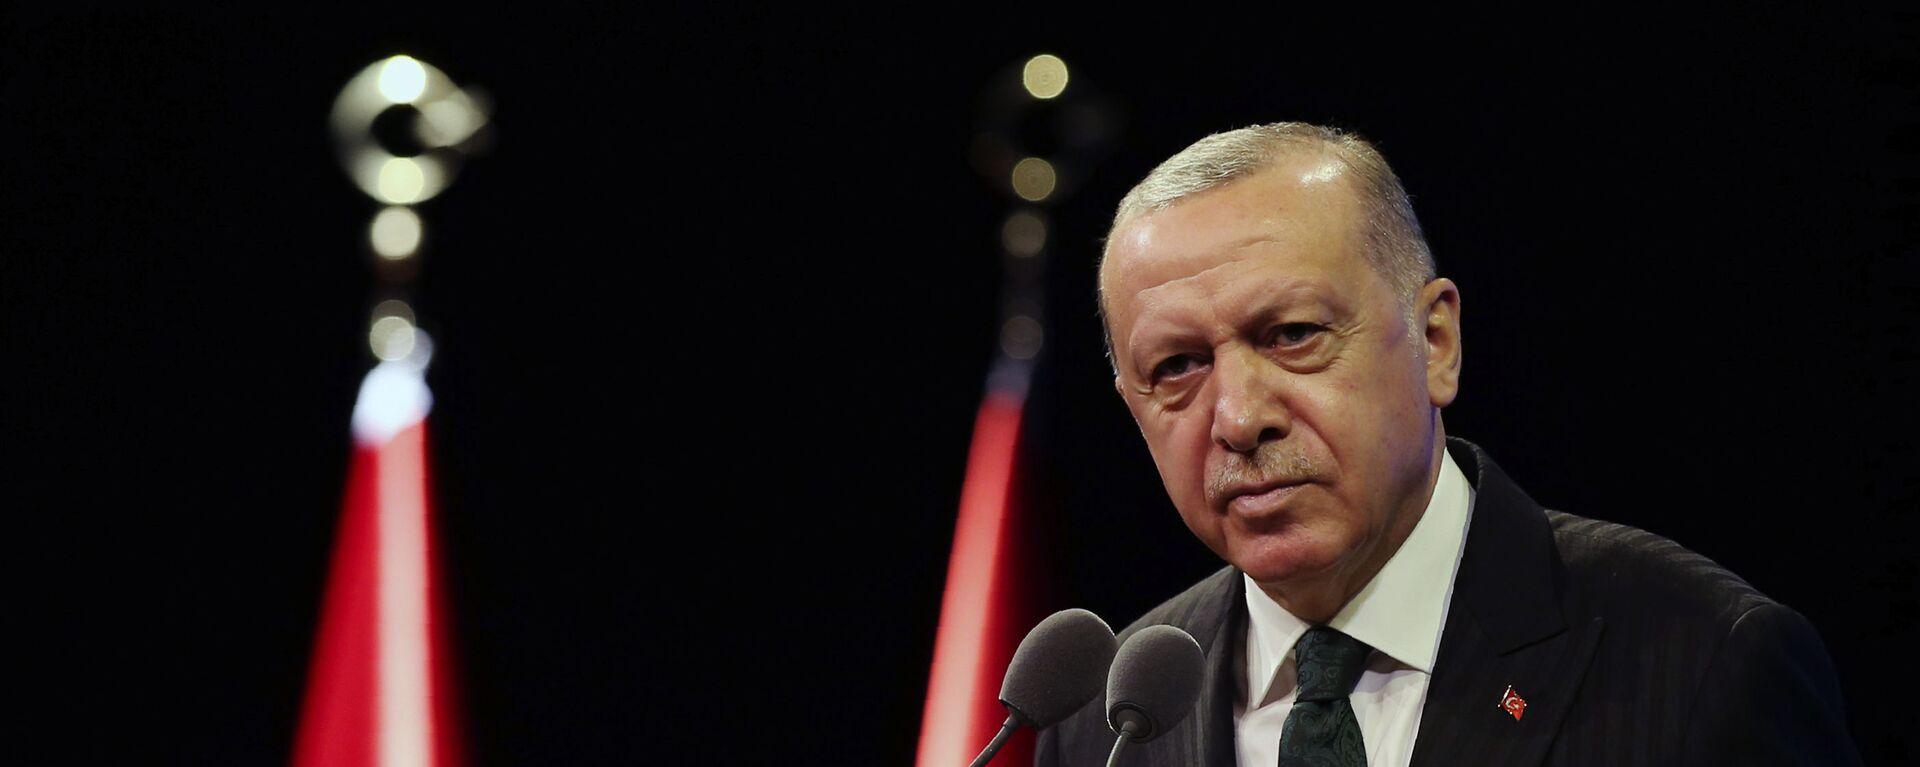 Tổng thống Thổ Nhĩ Kỳ Recep Tayyip Erdogan phát biểu tại dinh thự tổng thống ở Ankara - Sputnik Việt Nam, 1920, 19.03.2021